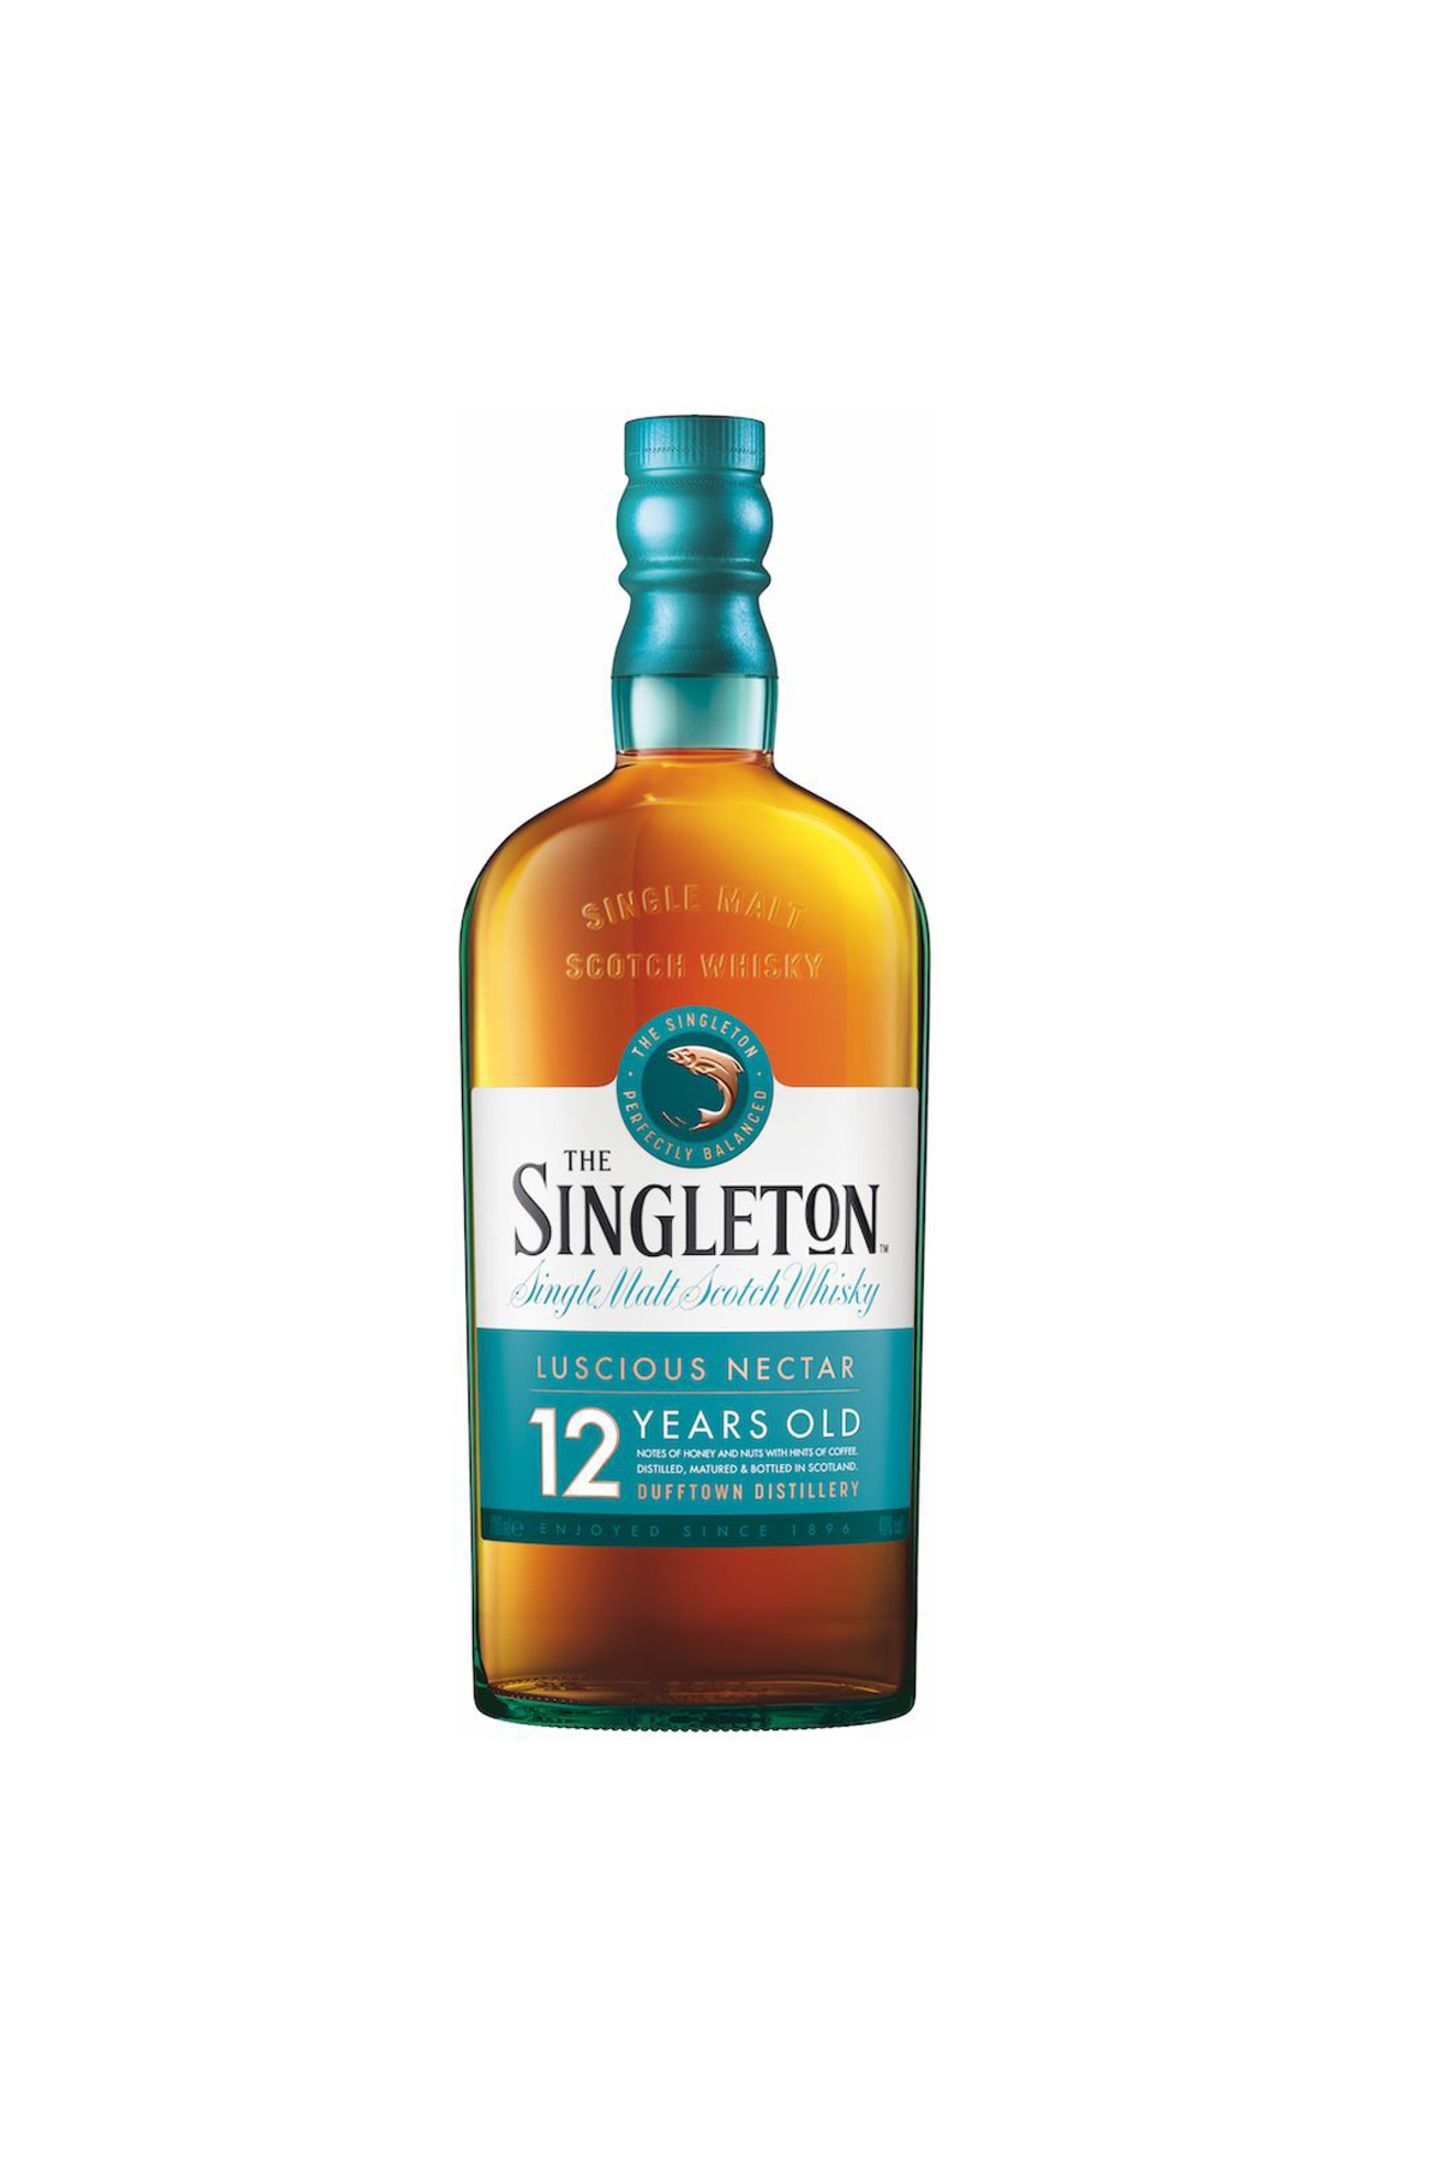 """Whisky for WomenZugegeben, nicht jede Frau liebt Whisky. Dieser hier lässt sich im Vergleich zu vielen Kollegen aber herrlich mixen und ist einer der weichsten Single Malt Scotch Whiskys. Perfekt für Einsteiger*innen! """"Dufftown 12 Years"""" von The Singleton, 0,7 l ca. 26 Euro"""